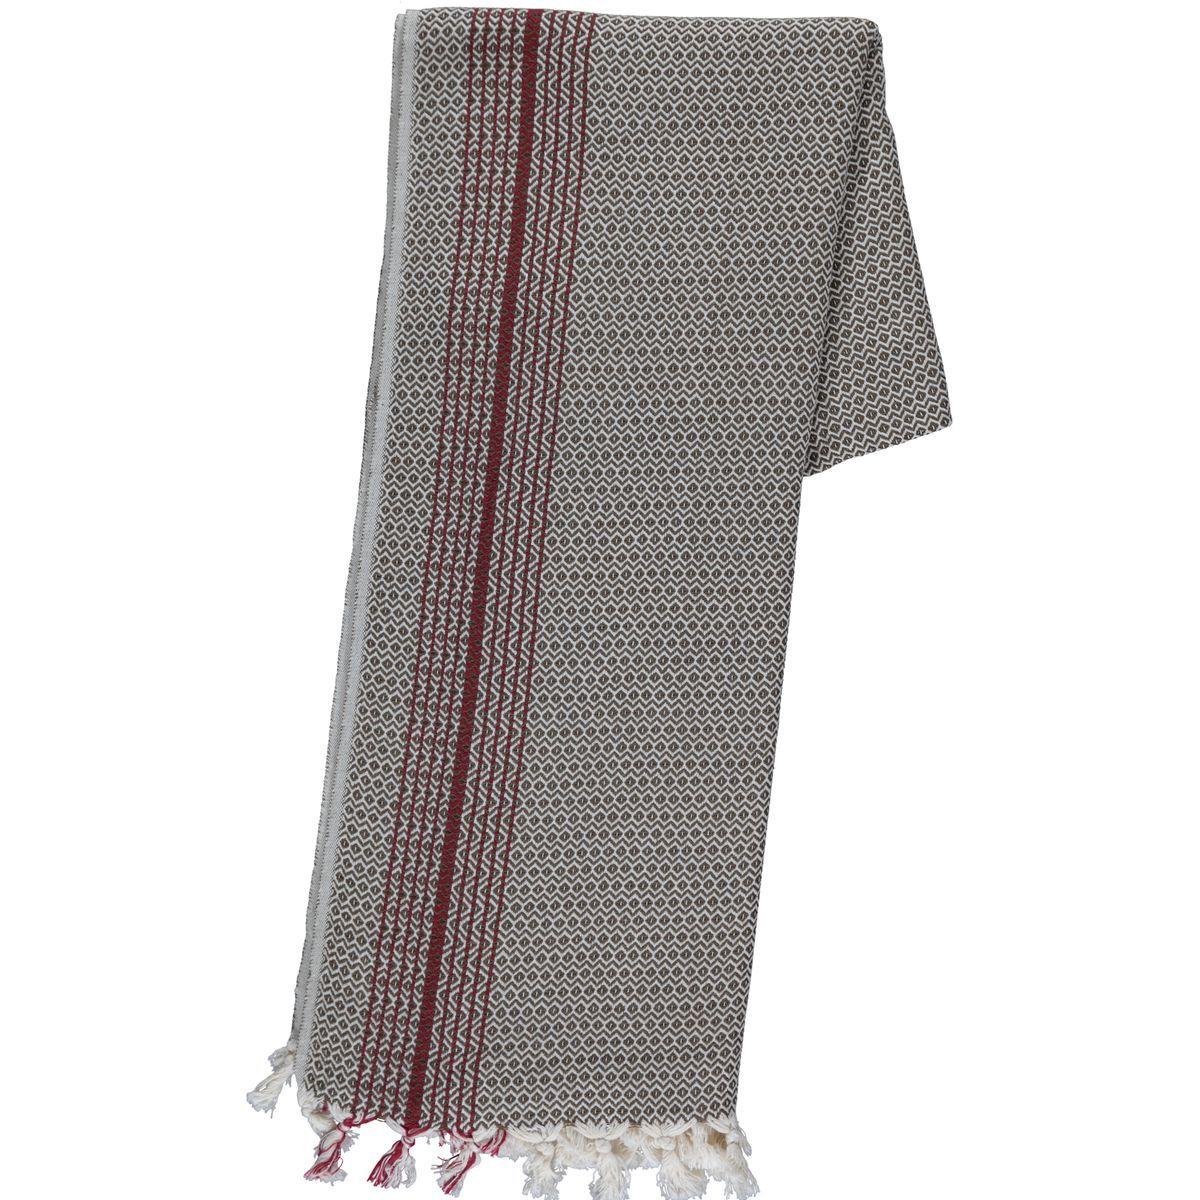 Peshtemal Gocek - Khaki